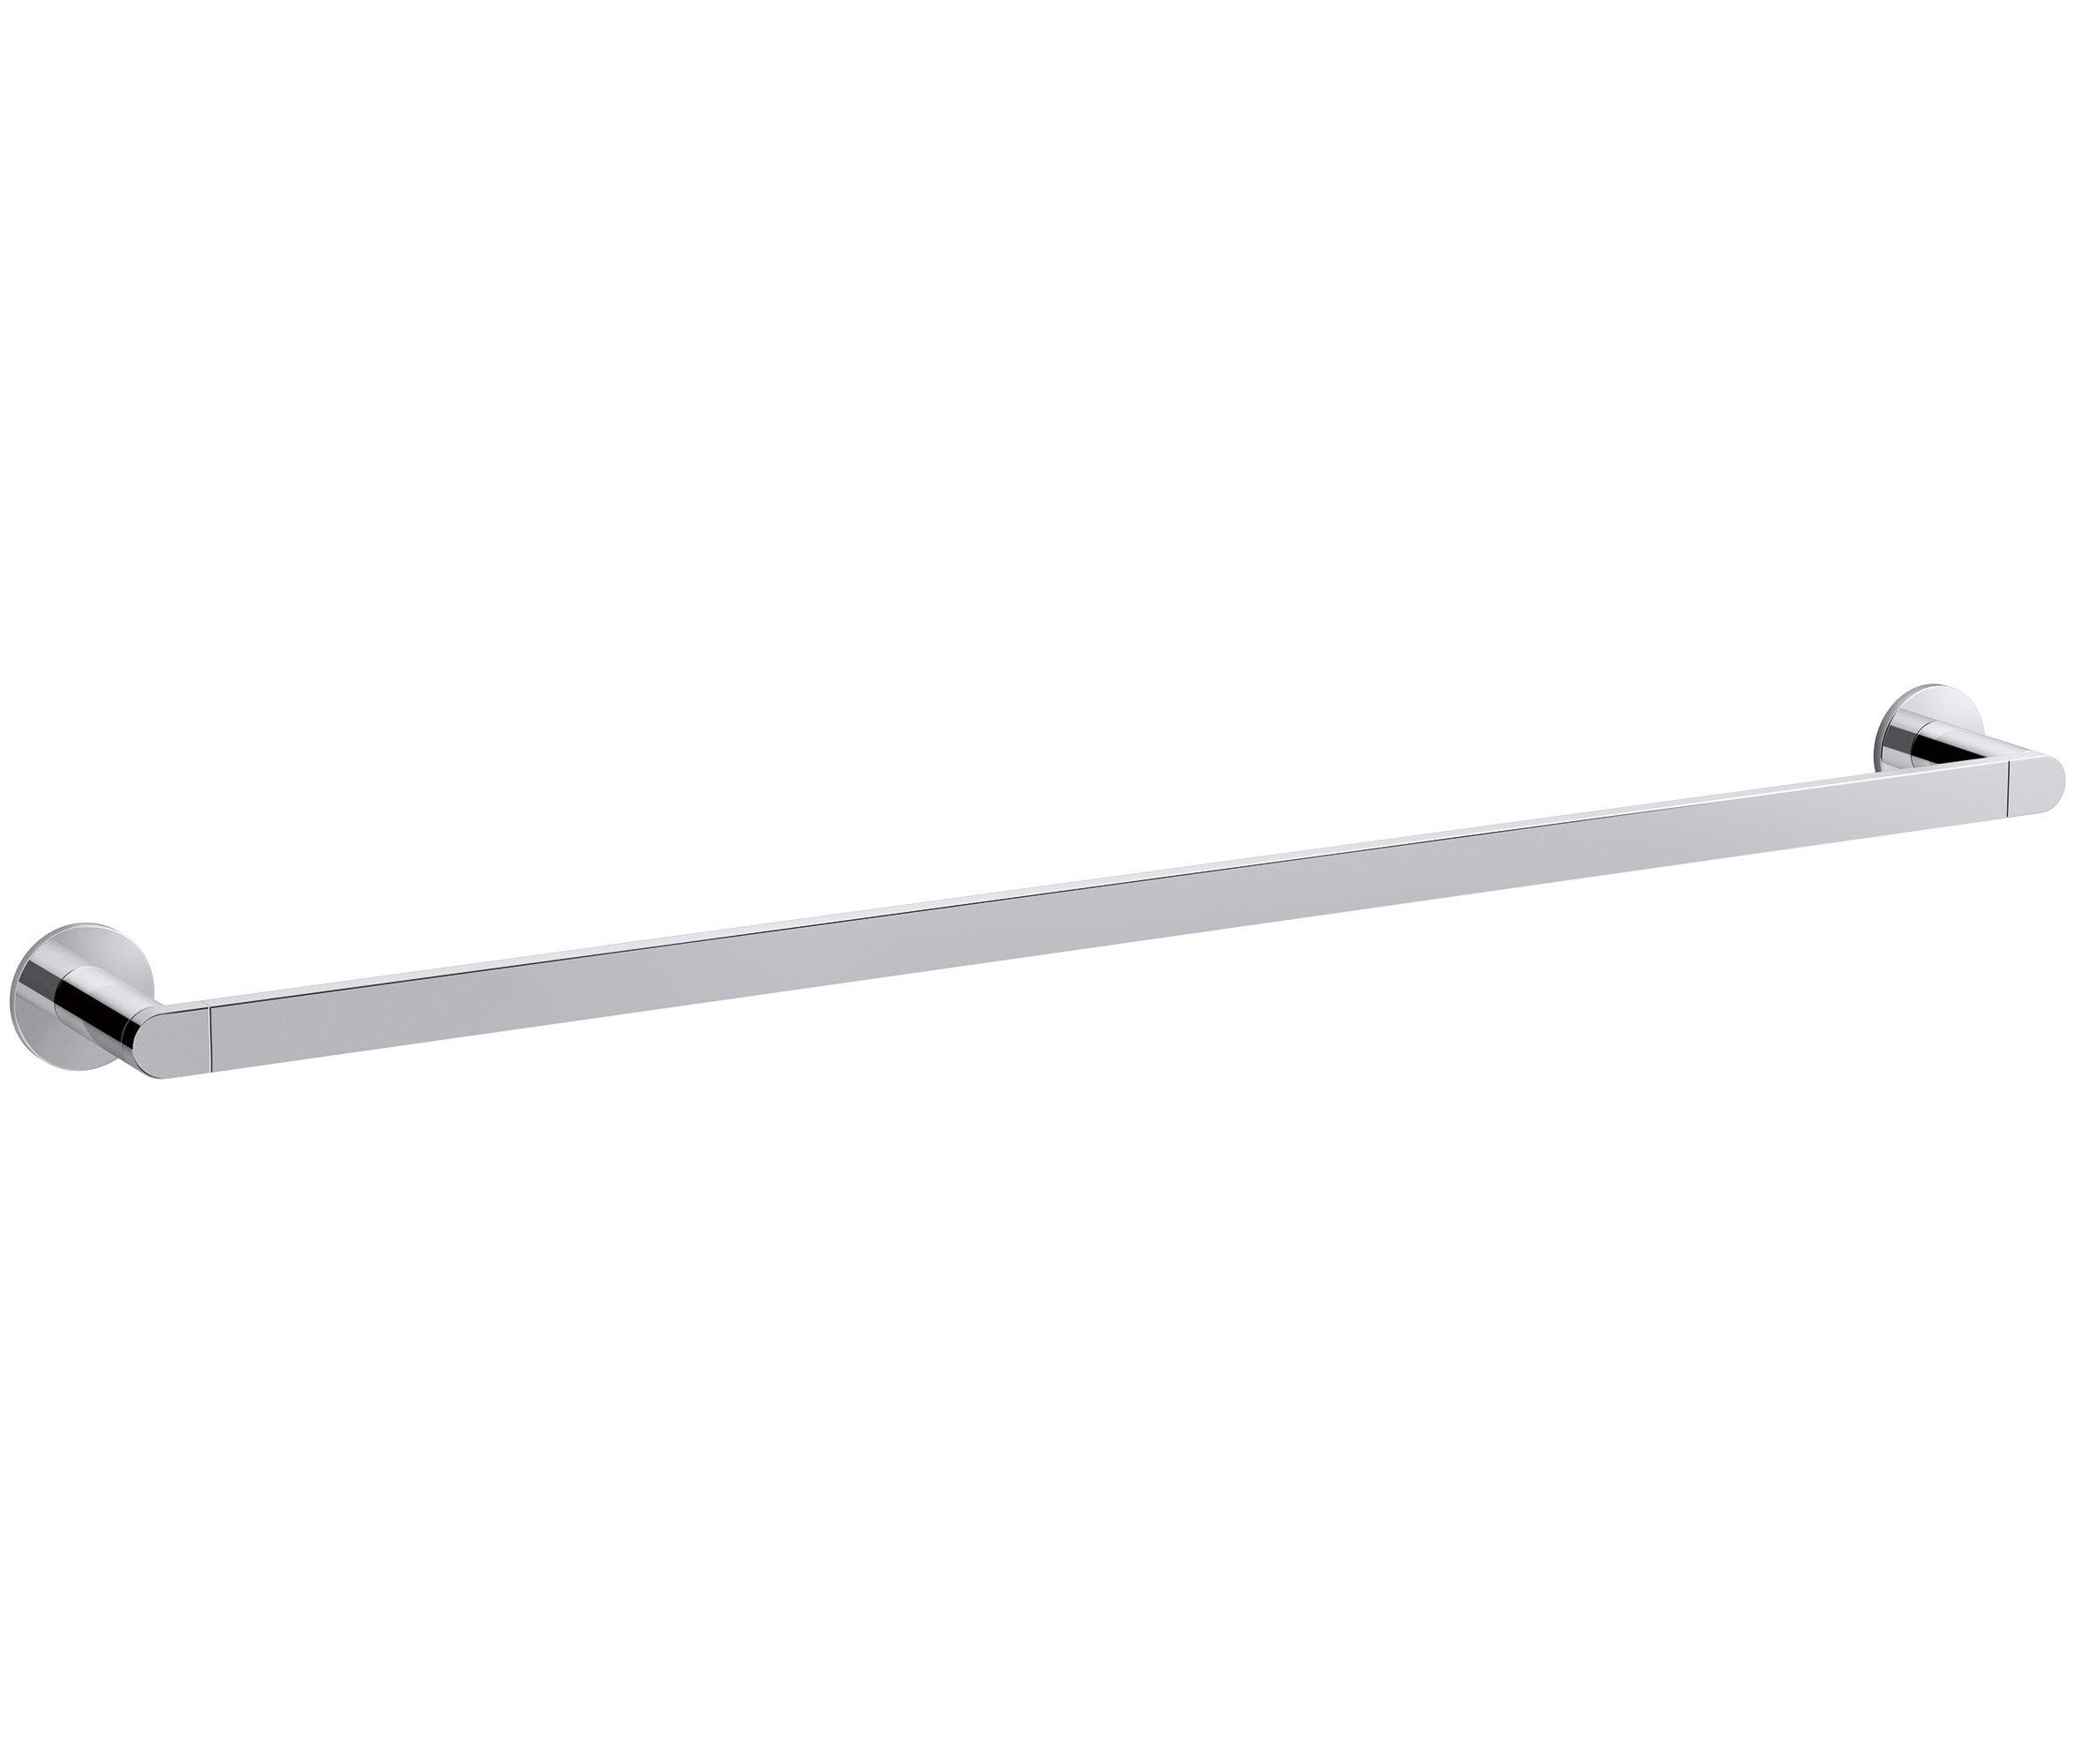 KOHLER K-73143-CP Composed 30 In. Towel bar Polished Chrome